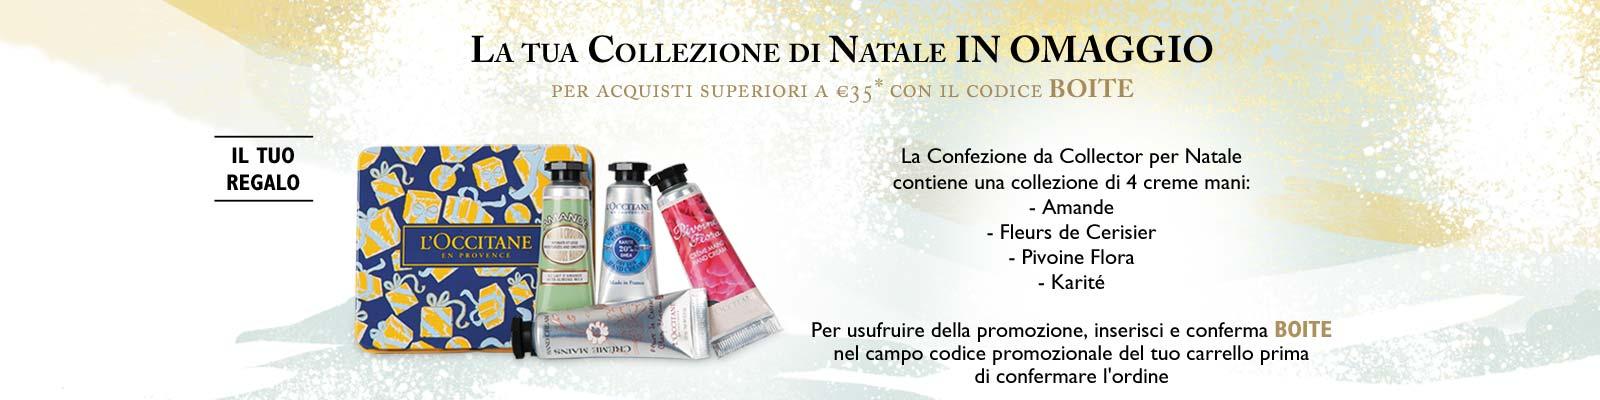 Confezione da Collector per Natale - L'Occitane en Provence